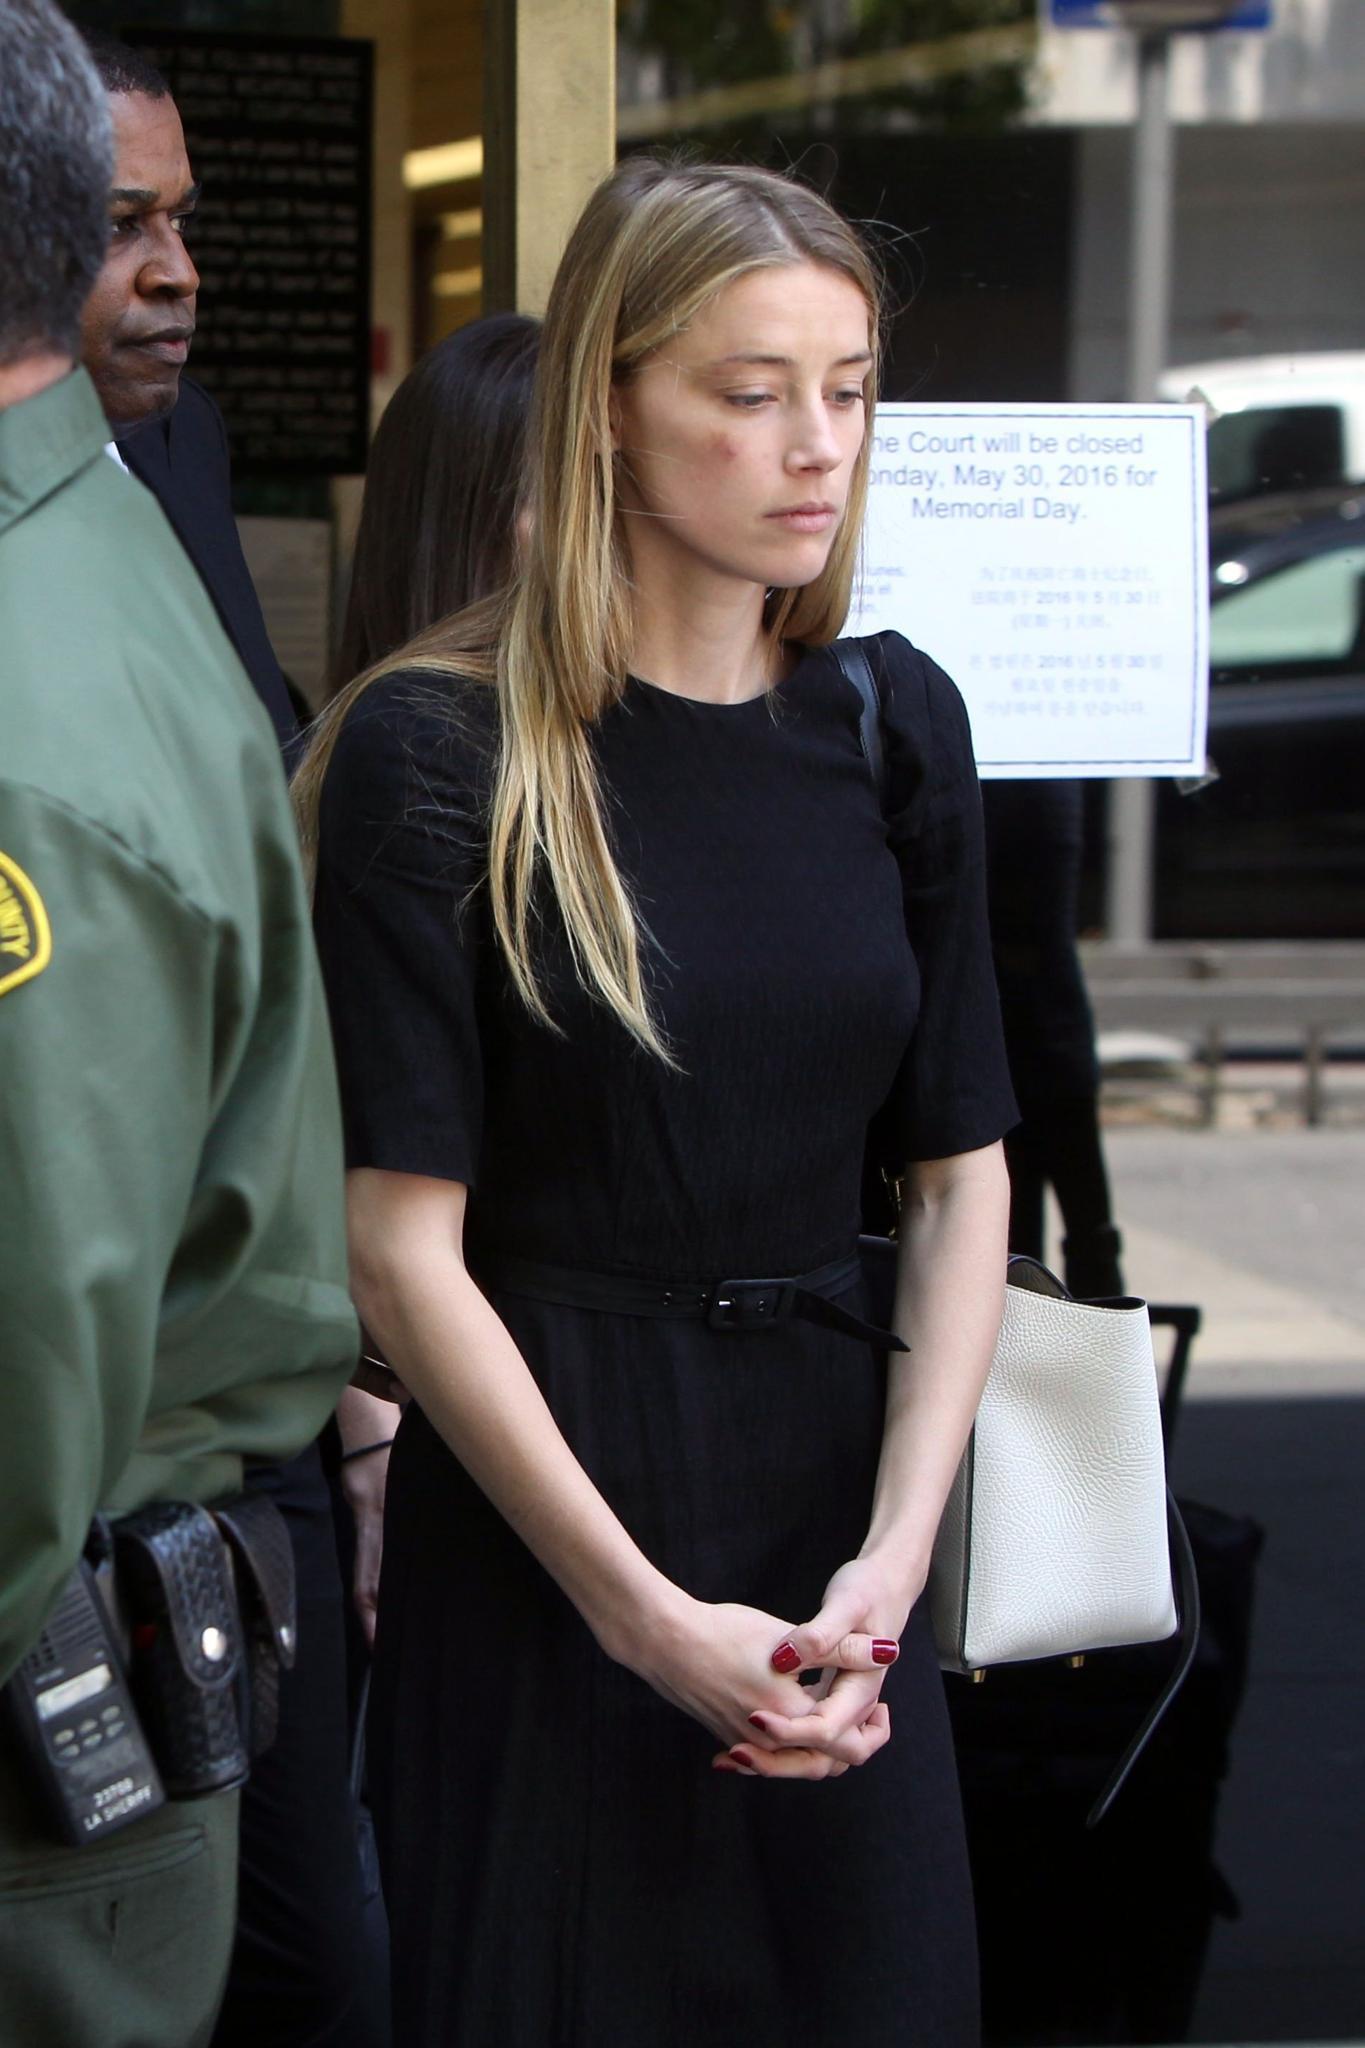 Amber Heard verlässt das Gerichtsgebäude in Los Angeles. In ihrem Gesicht sind blaue Flecken zu sehen.